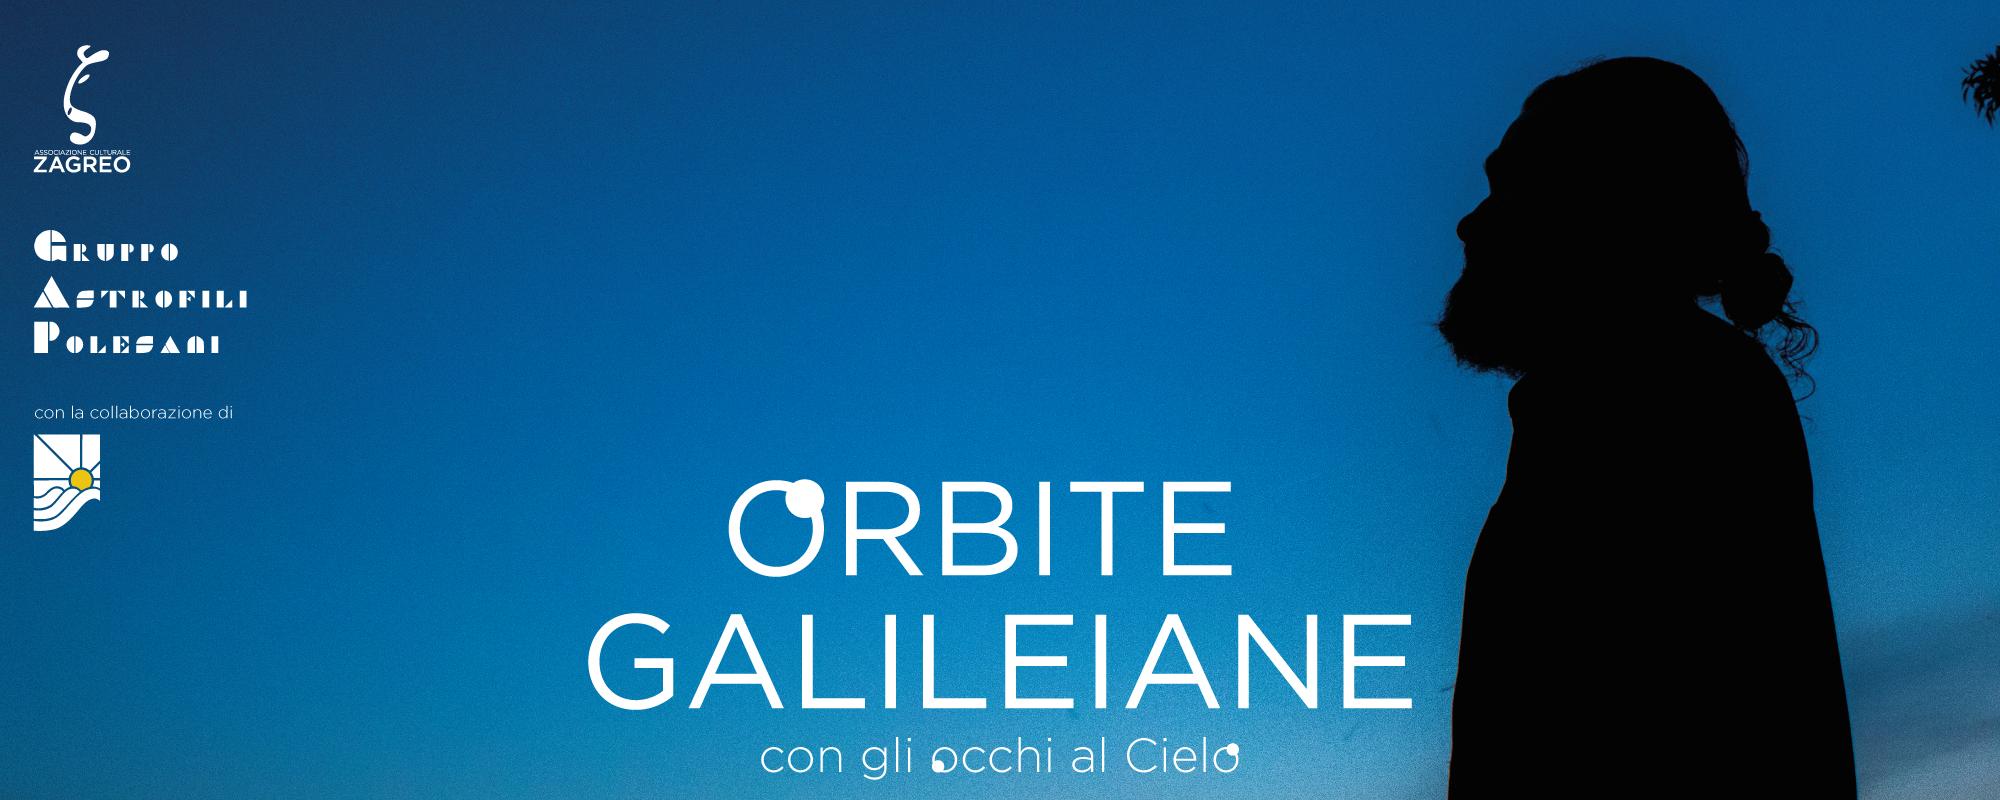 CON-GLI-OCCHI-AL-CIELO-ROVIGO